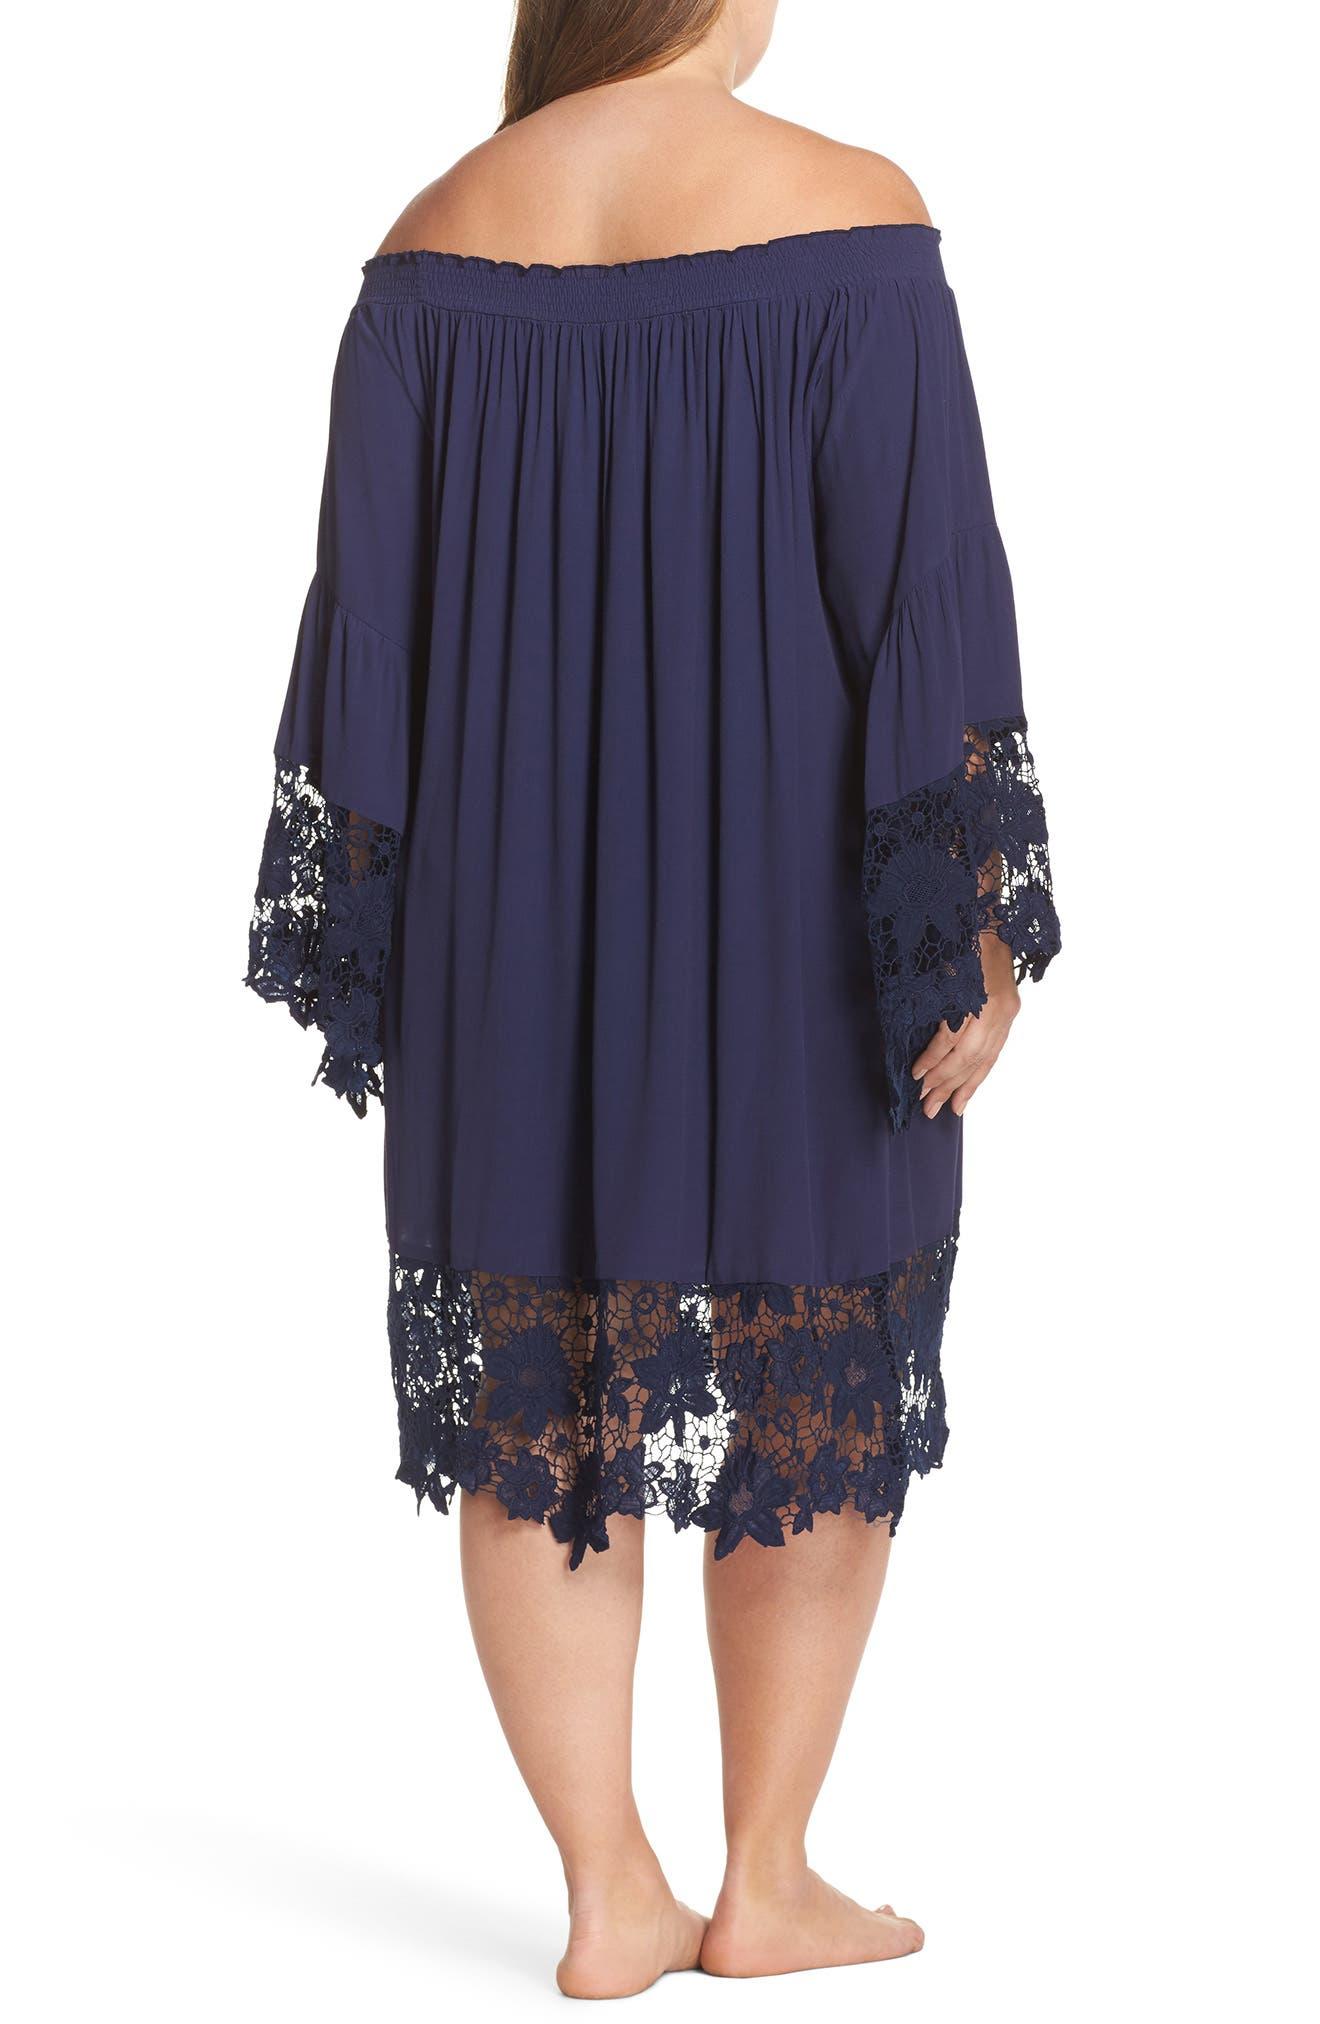 Alternate Image 2  - Muche et Muchette Jolie Lace Accent Cover-Up Dress (Plus-Size)